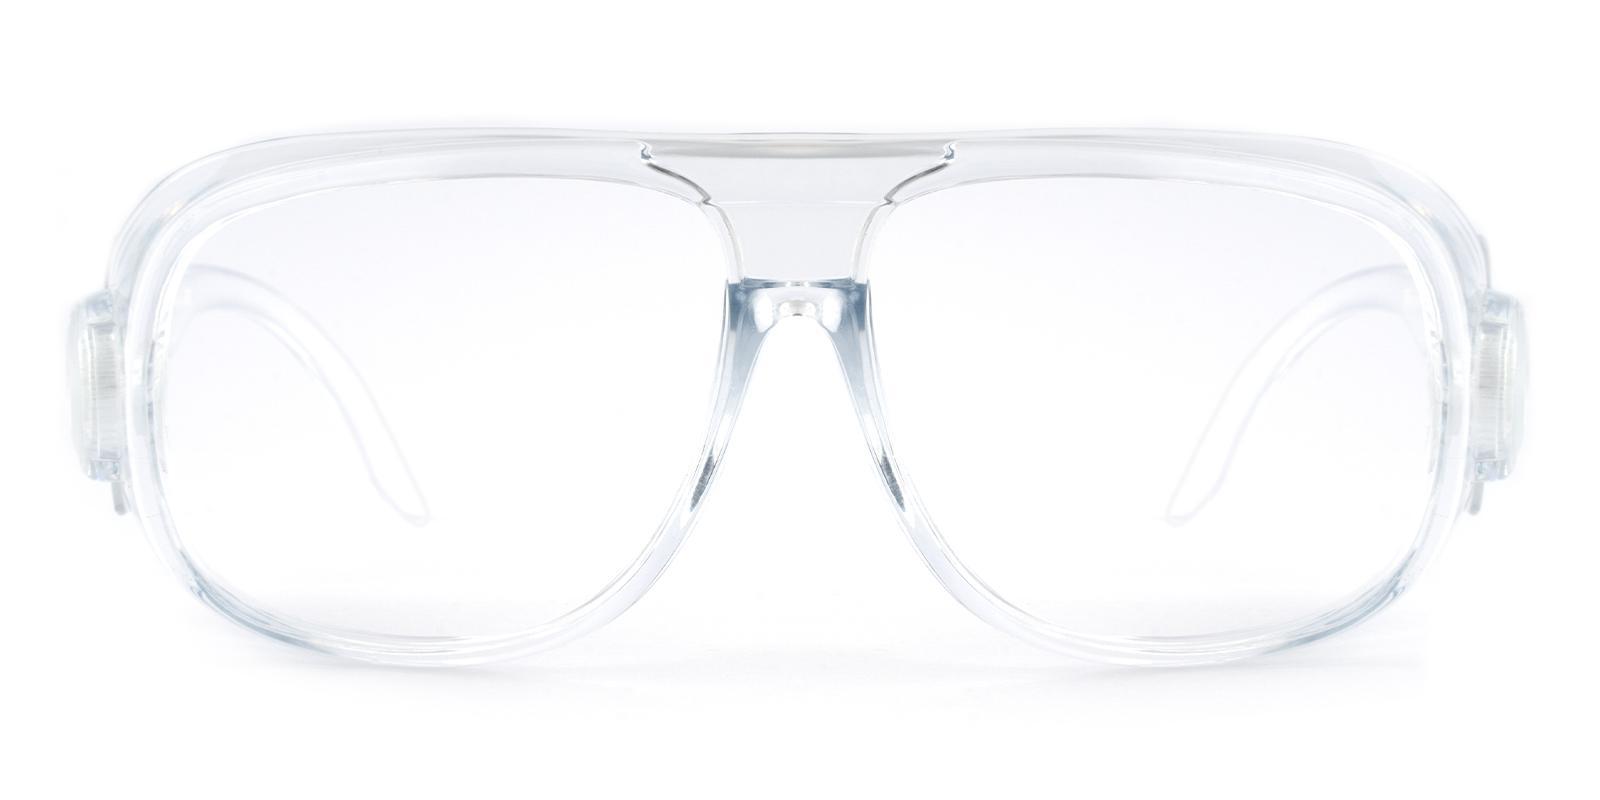 Natalie Translucent Plastic Eyeglasses , SportsGlasses , UniversalBridgeFit Frames from ABBE Glasses